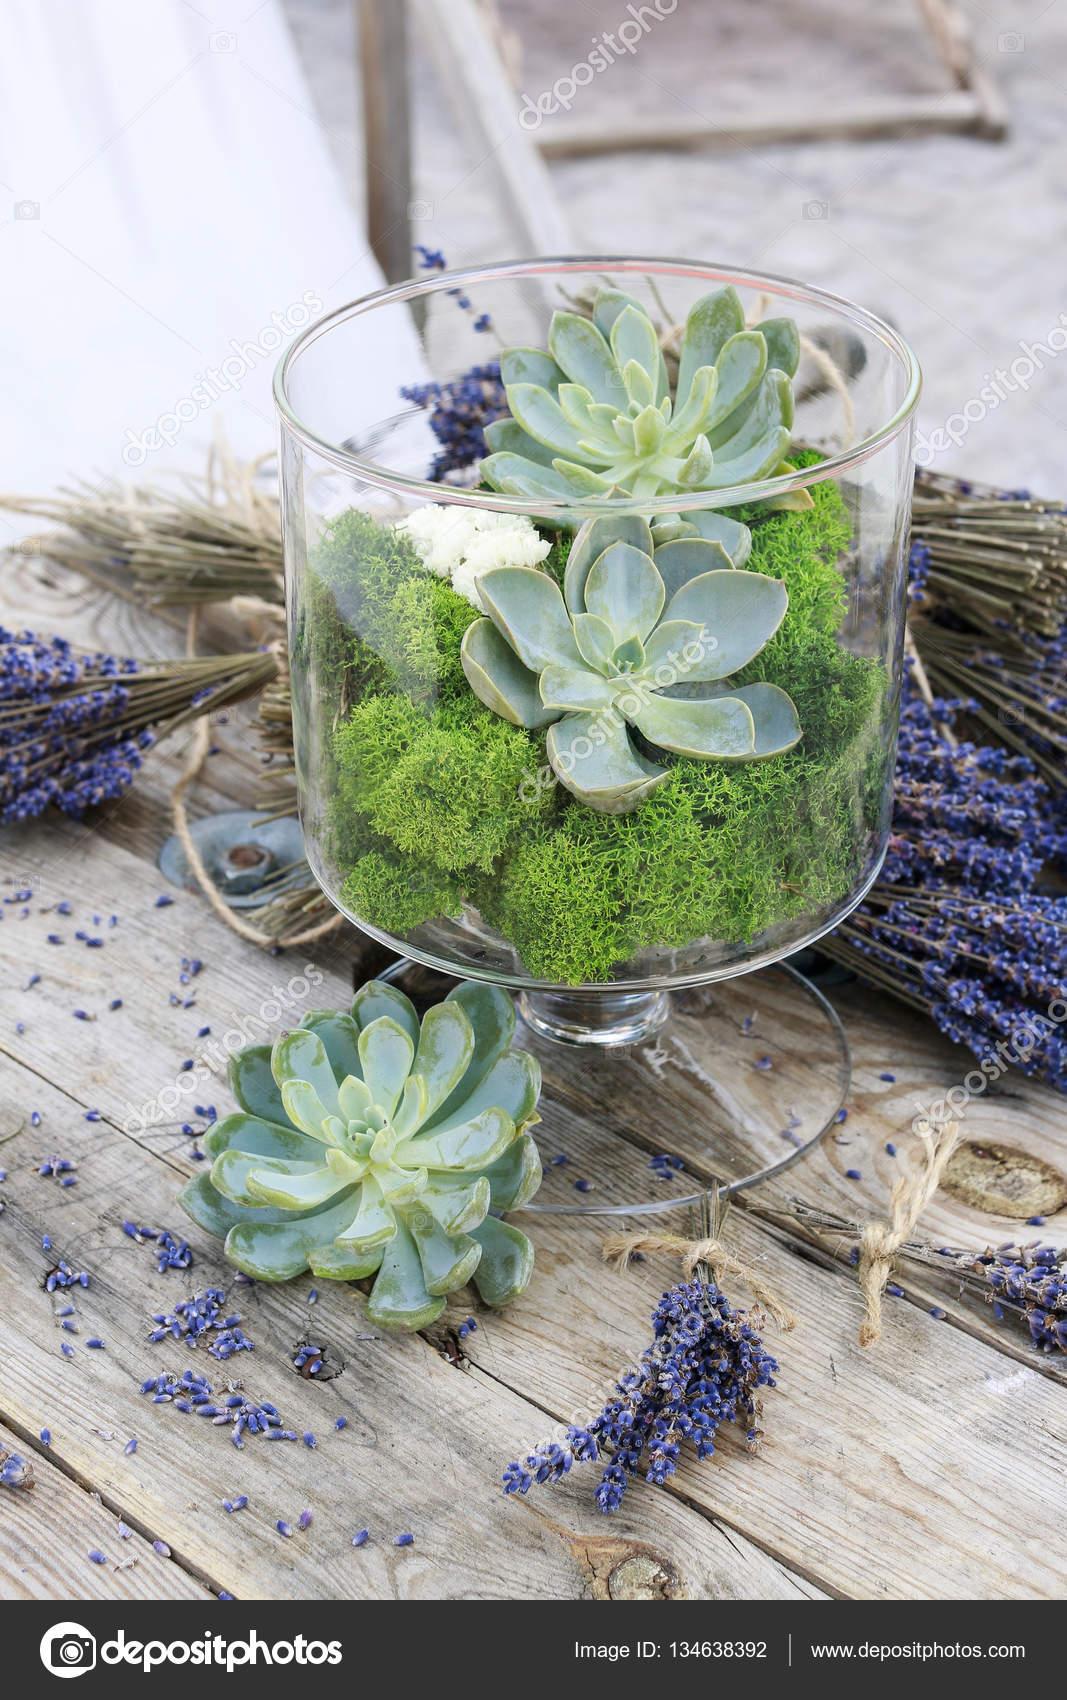 Composizione Piante Grasse In Vaso Di Vetro.Piante Grasse Echeveria E Muschio In Vaso Di Vetro Foto Stock